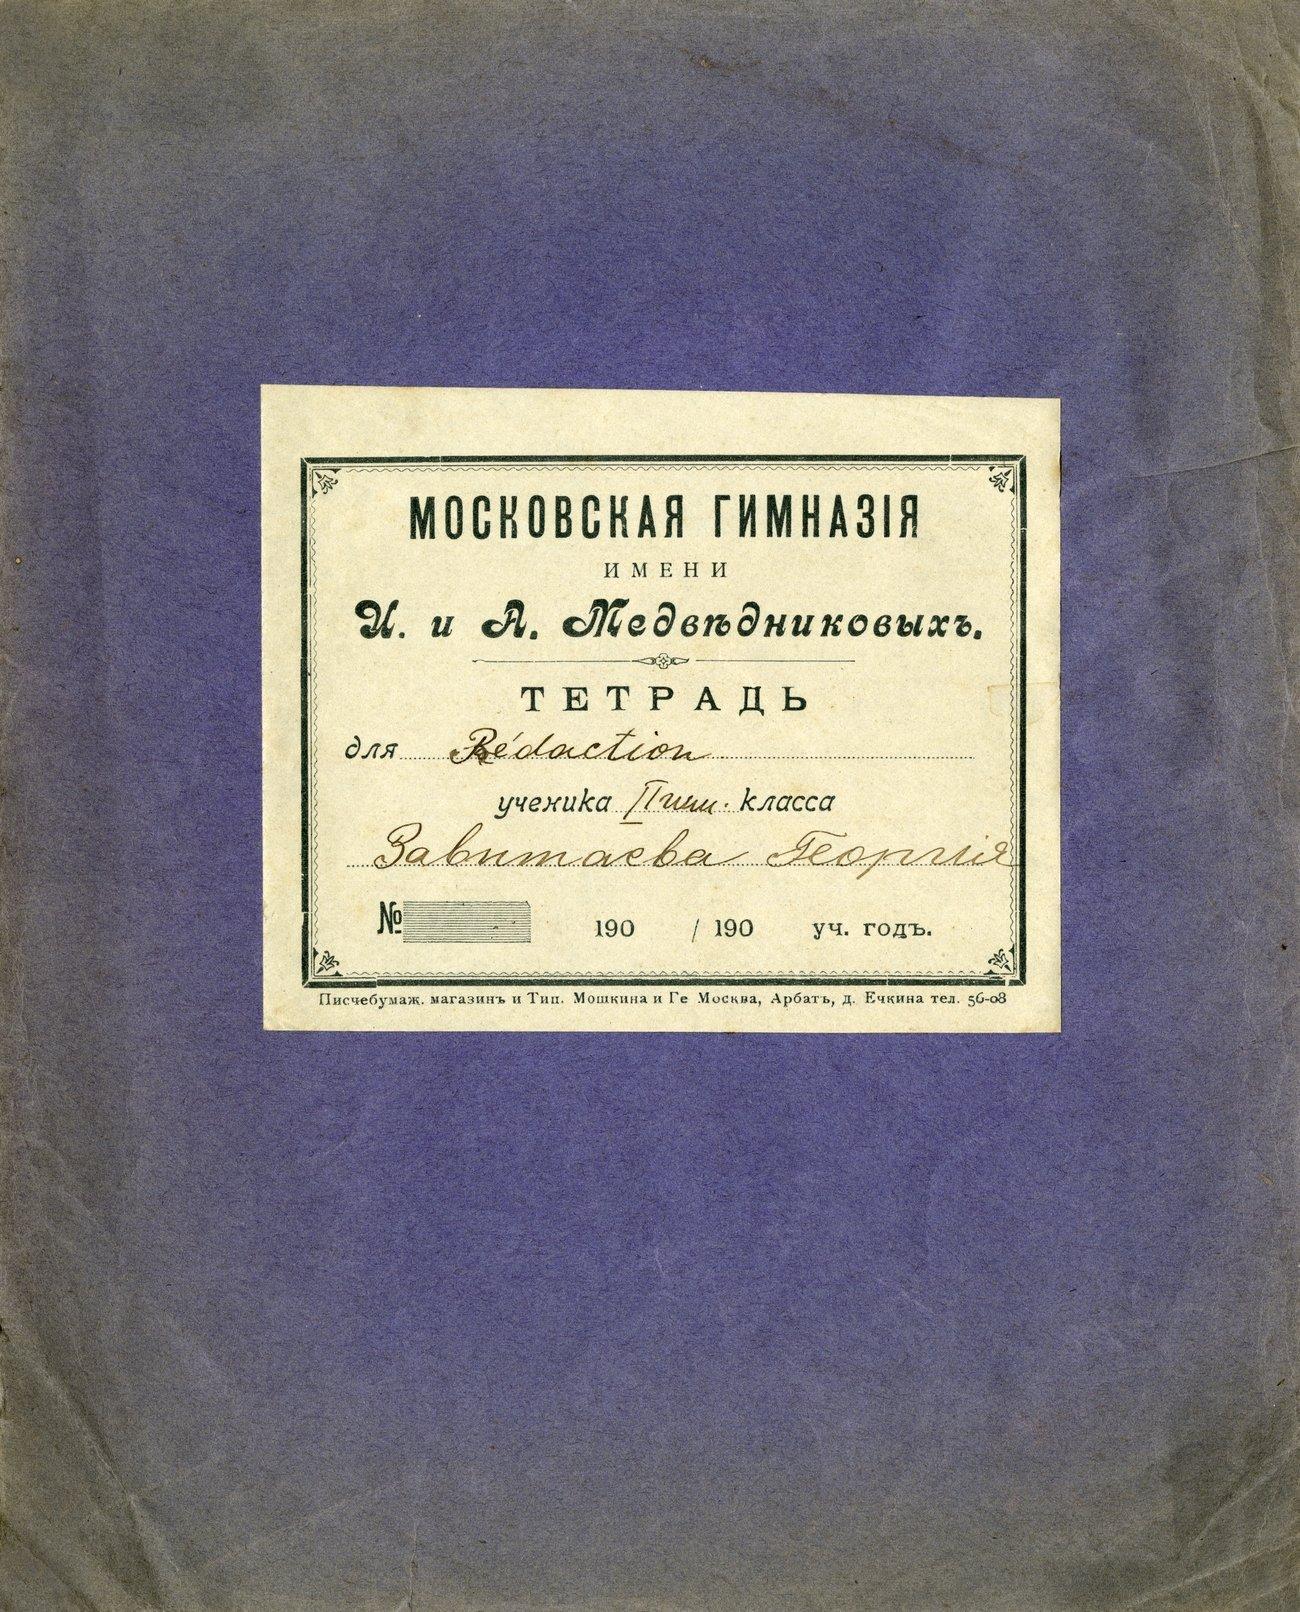 Тетрадь магазин Мошкина Москва